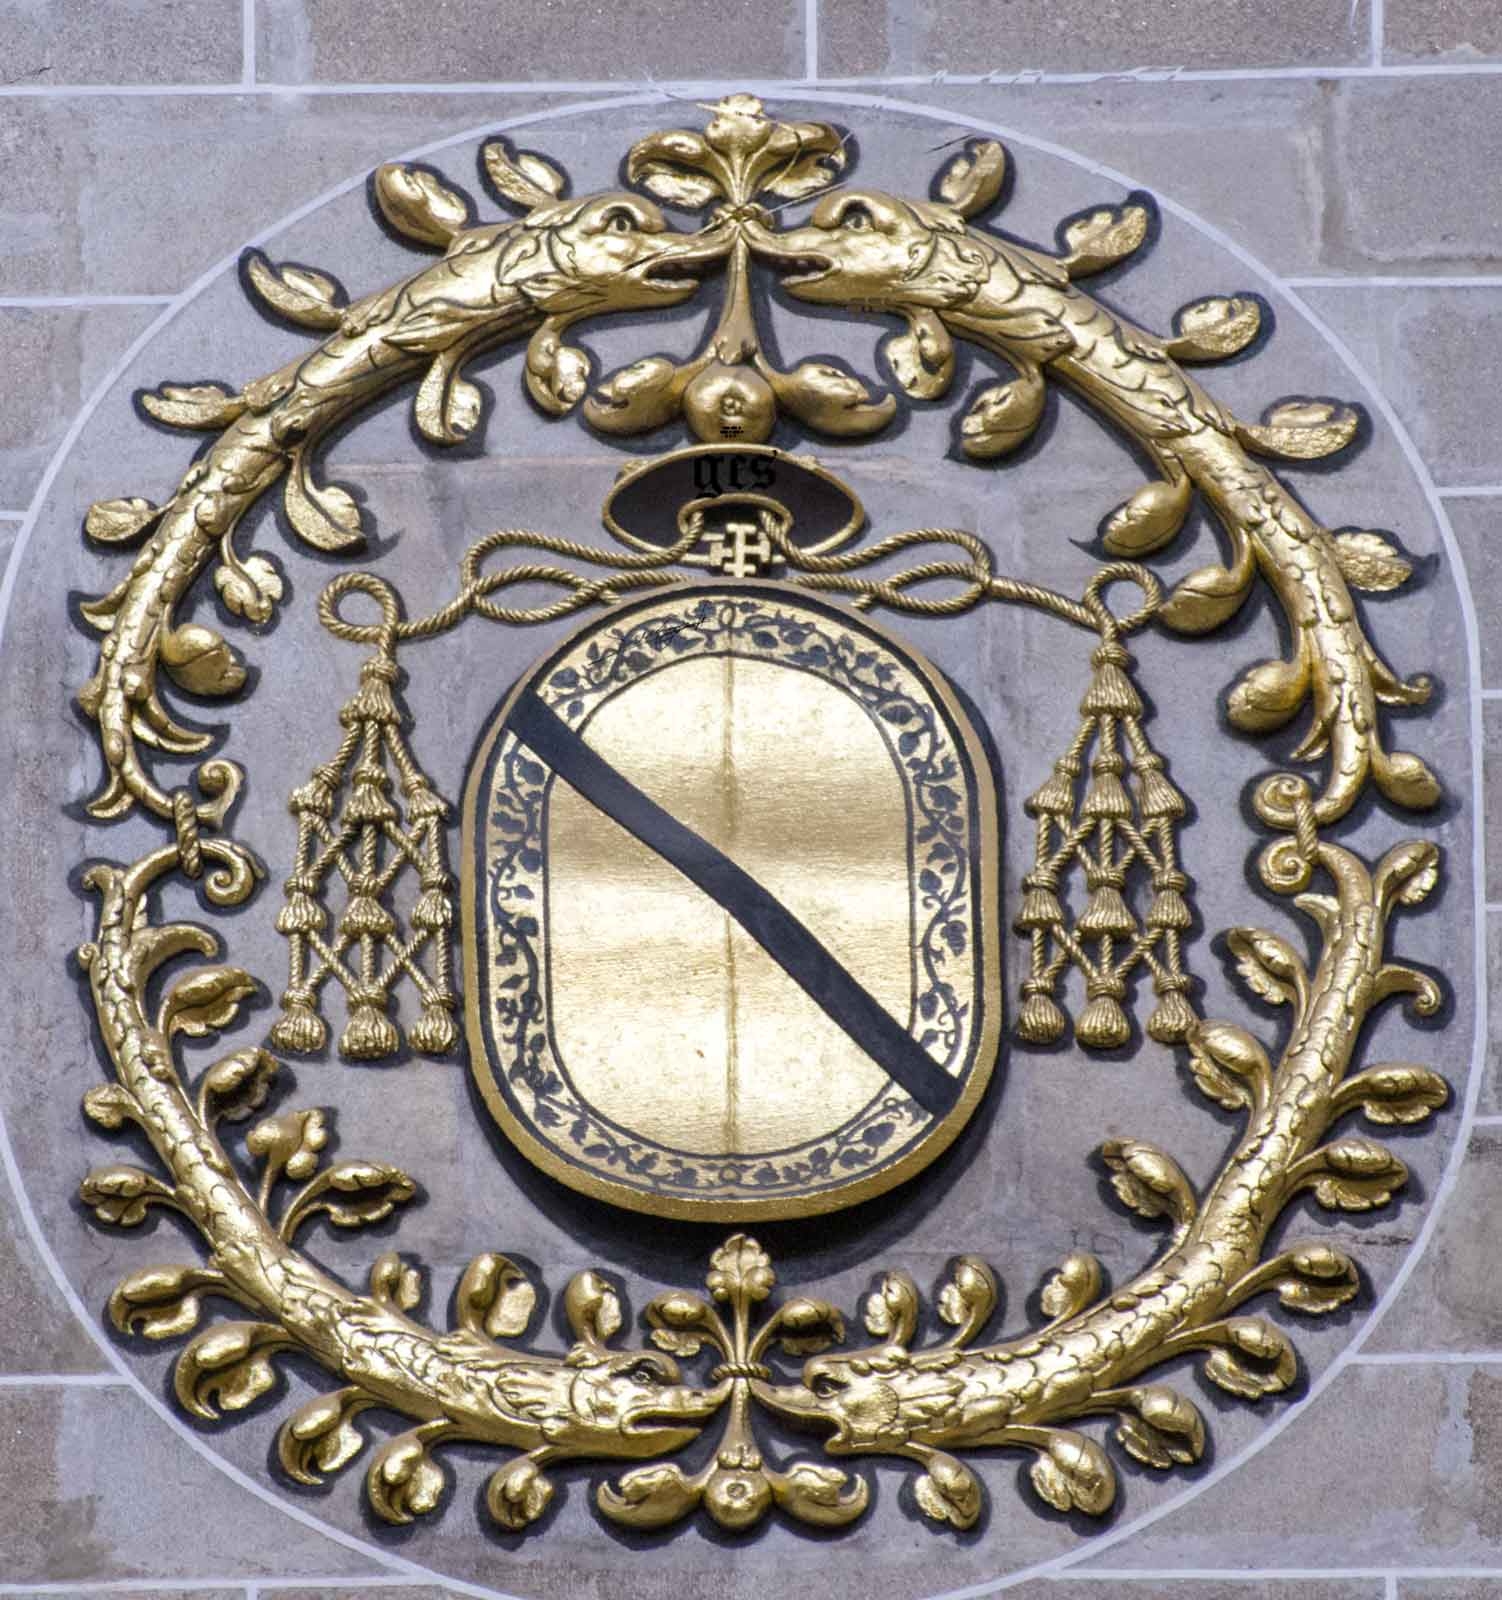 Escudo del Cardenal Bernardino de Carvajal